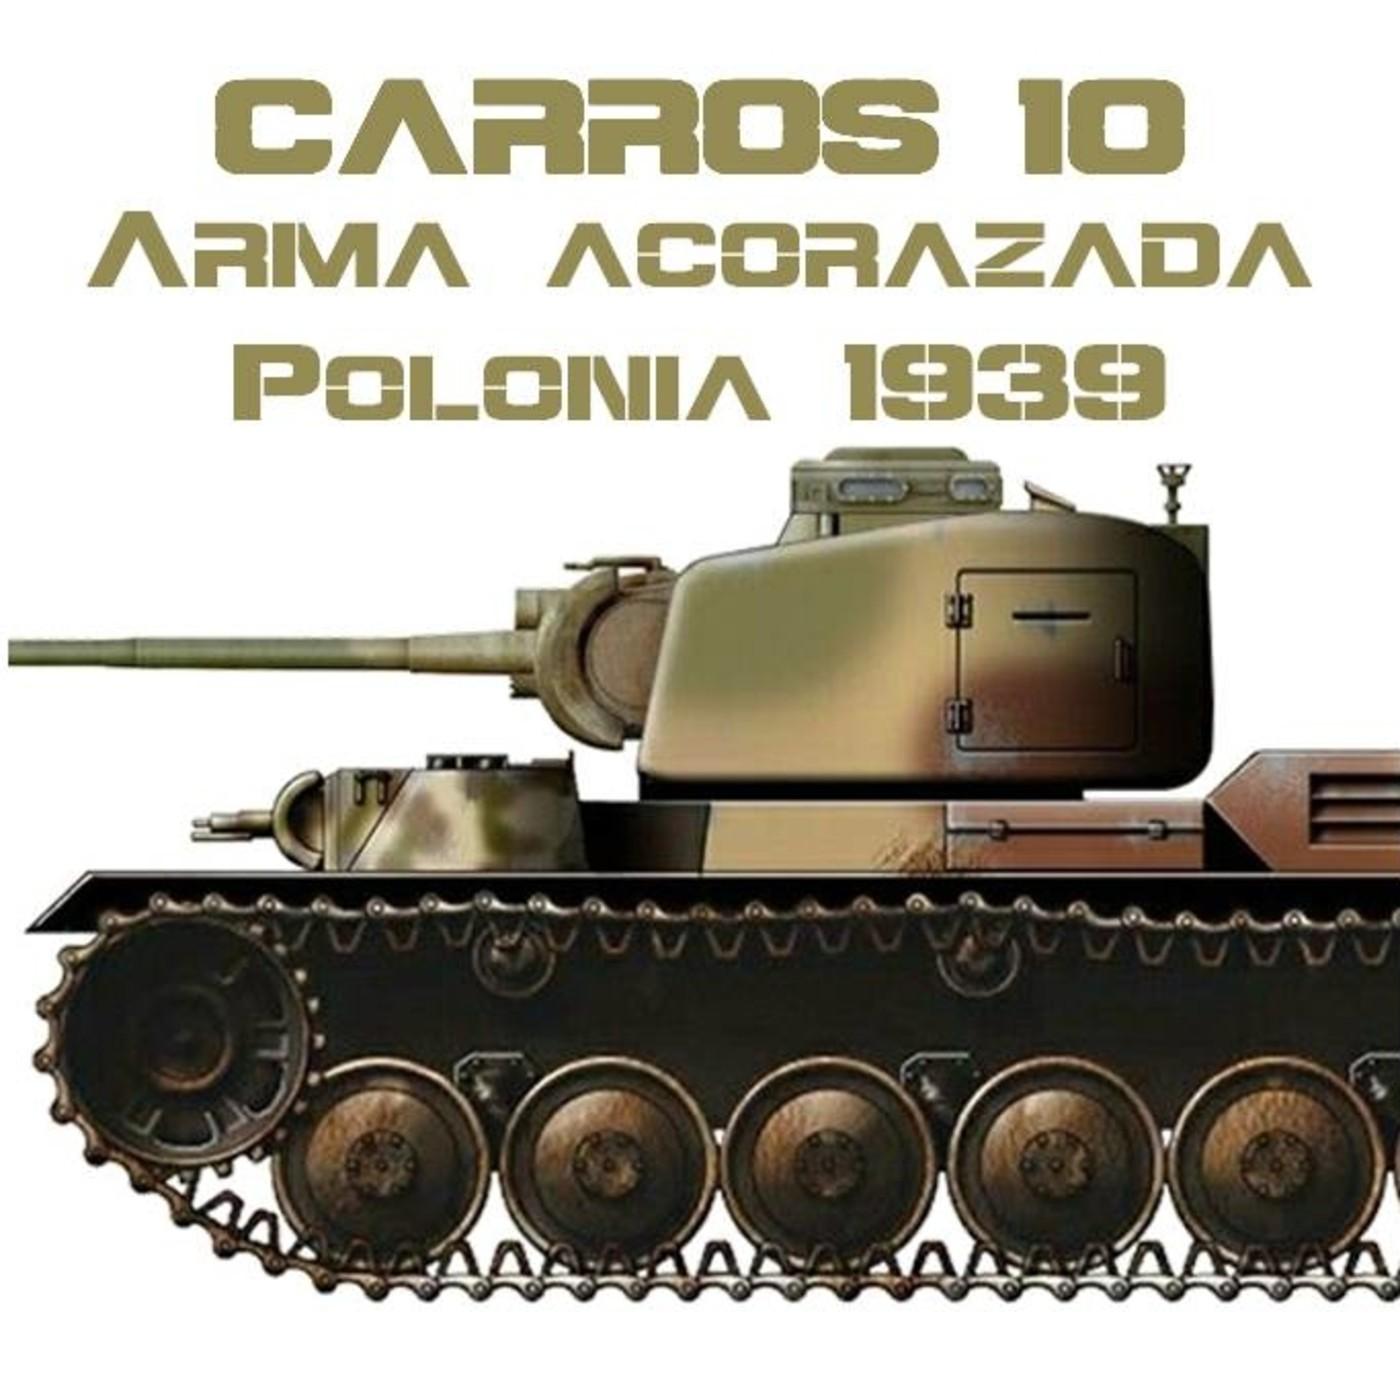 CARROS 10 #ESPECIAL Arma Acorazada Polaca en 1939